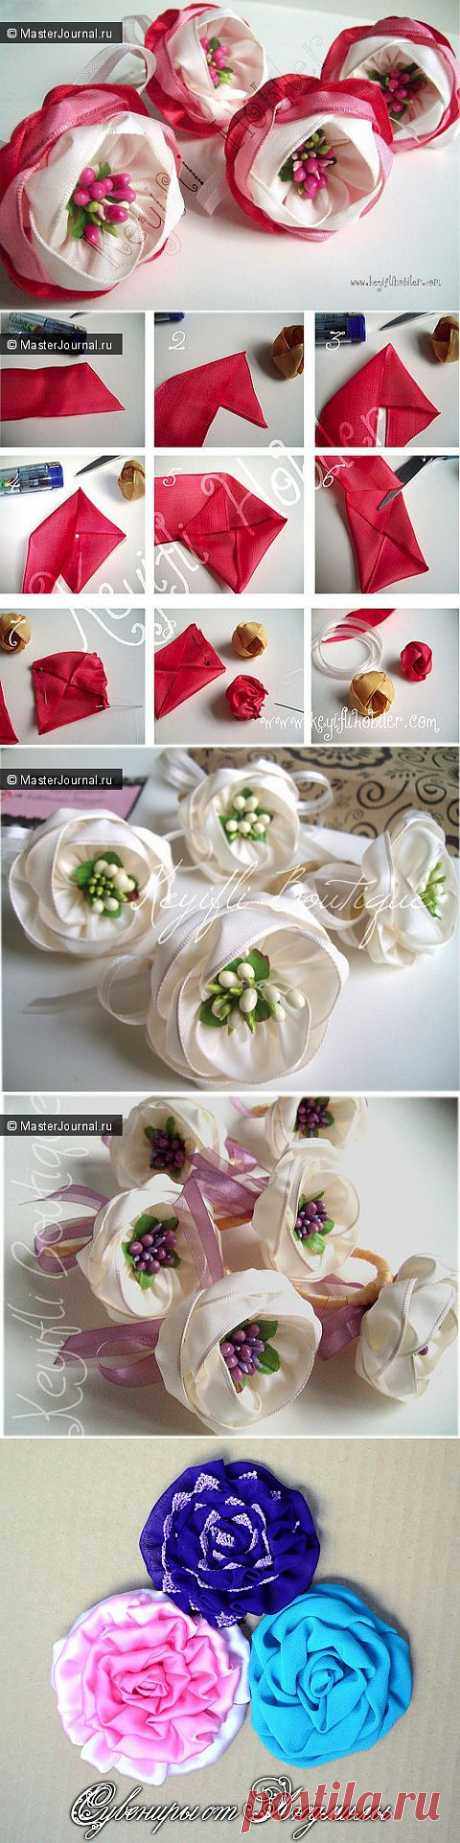 (+1) сообщ - Красивые и нежные цветы из лент | СВОИМИ РУКАМИ